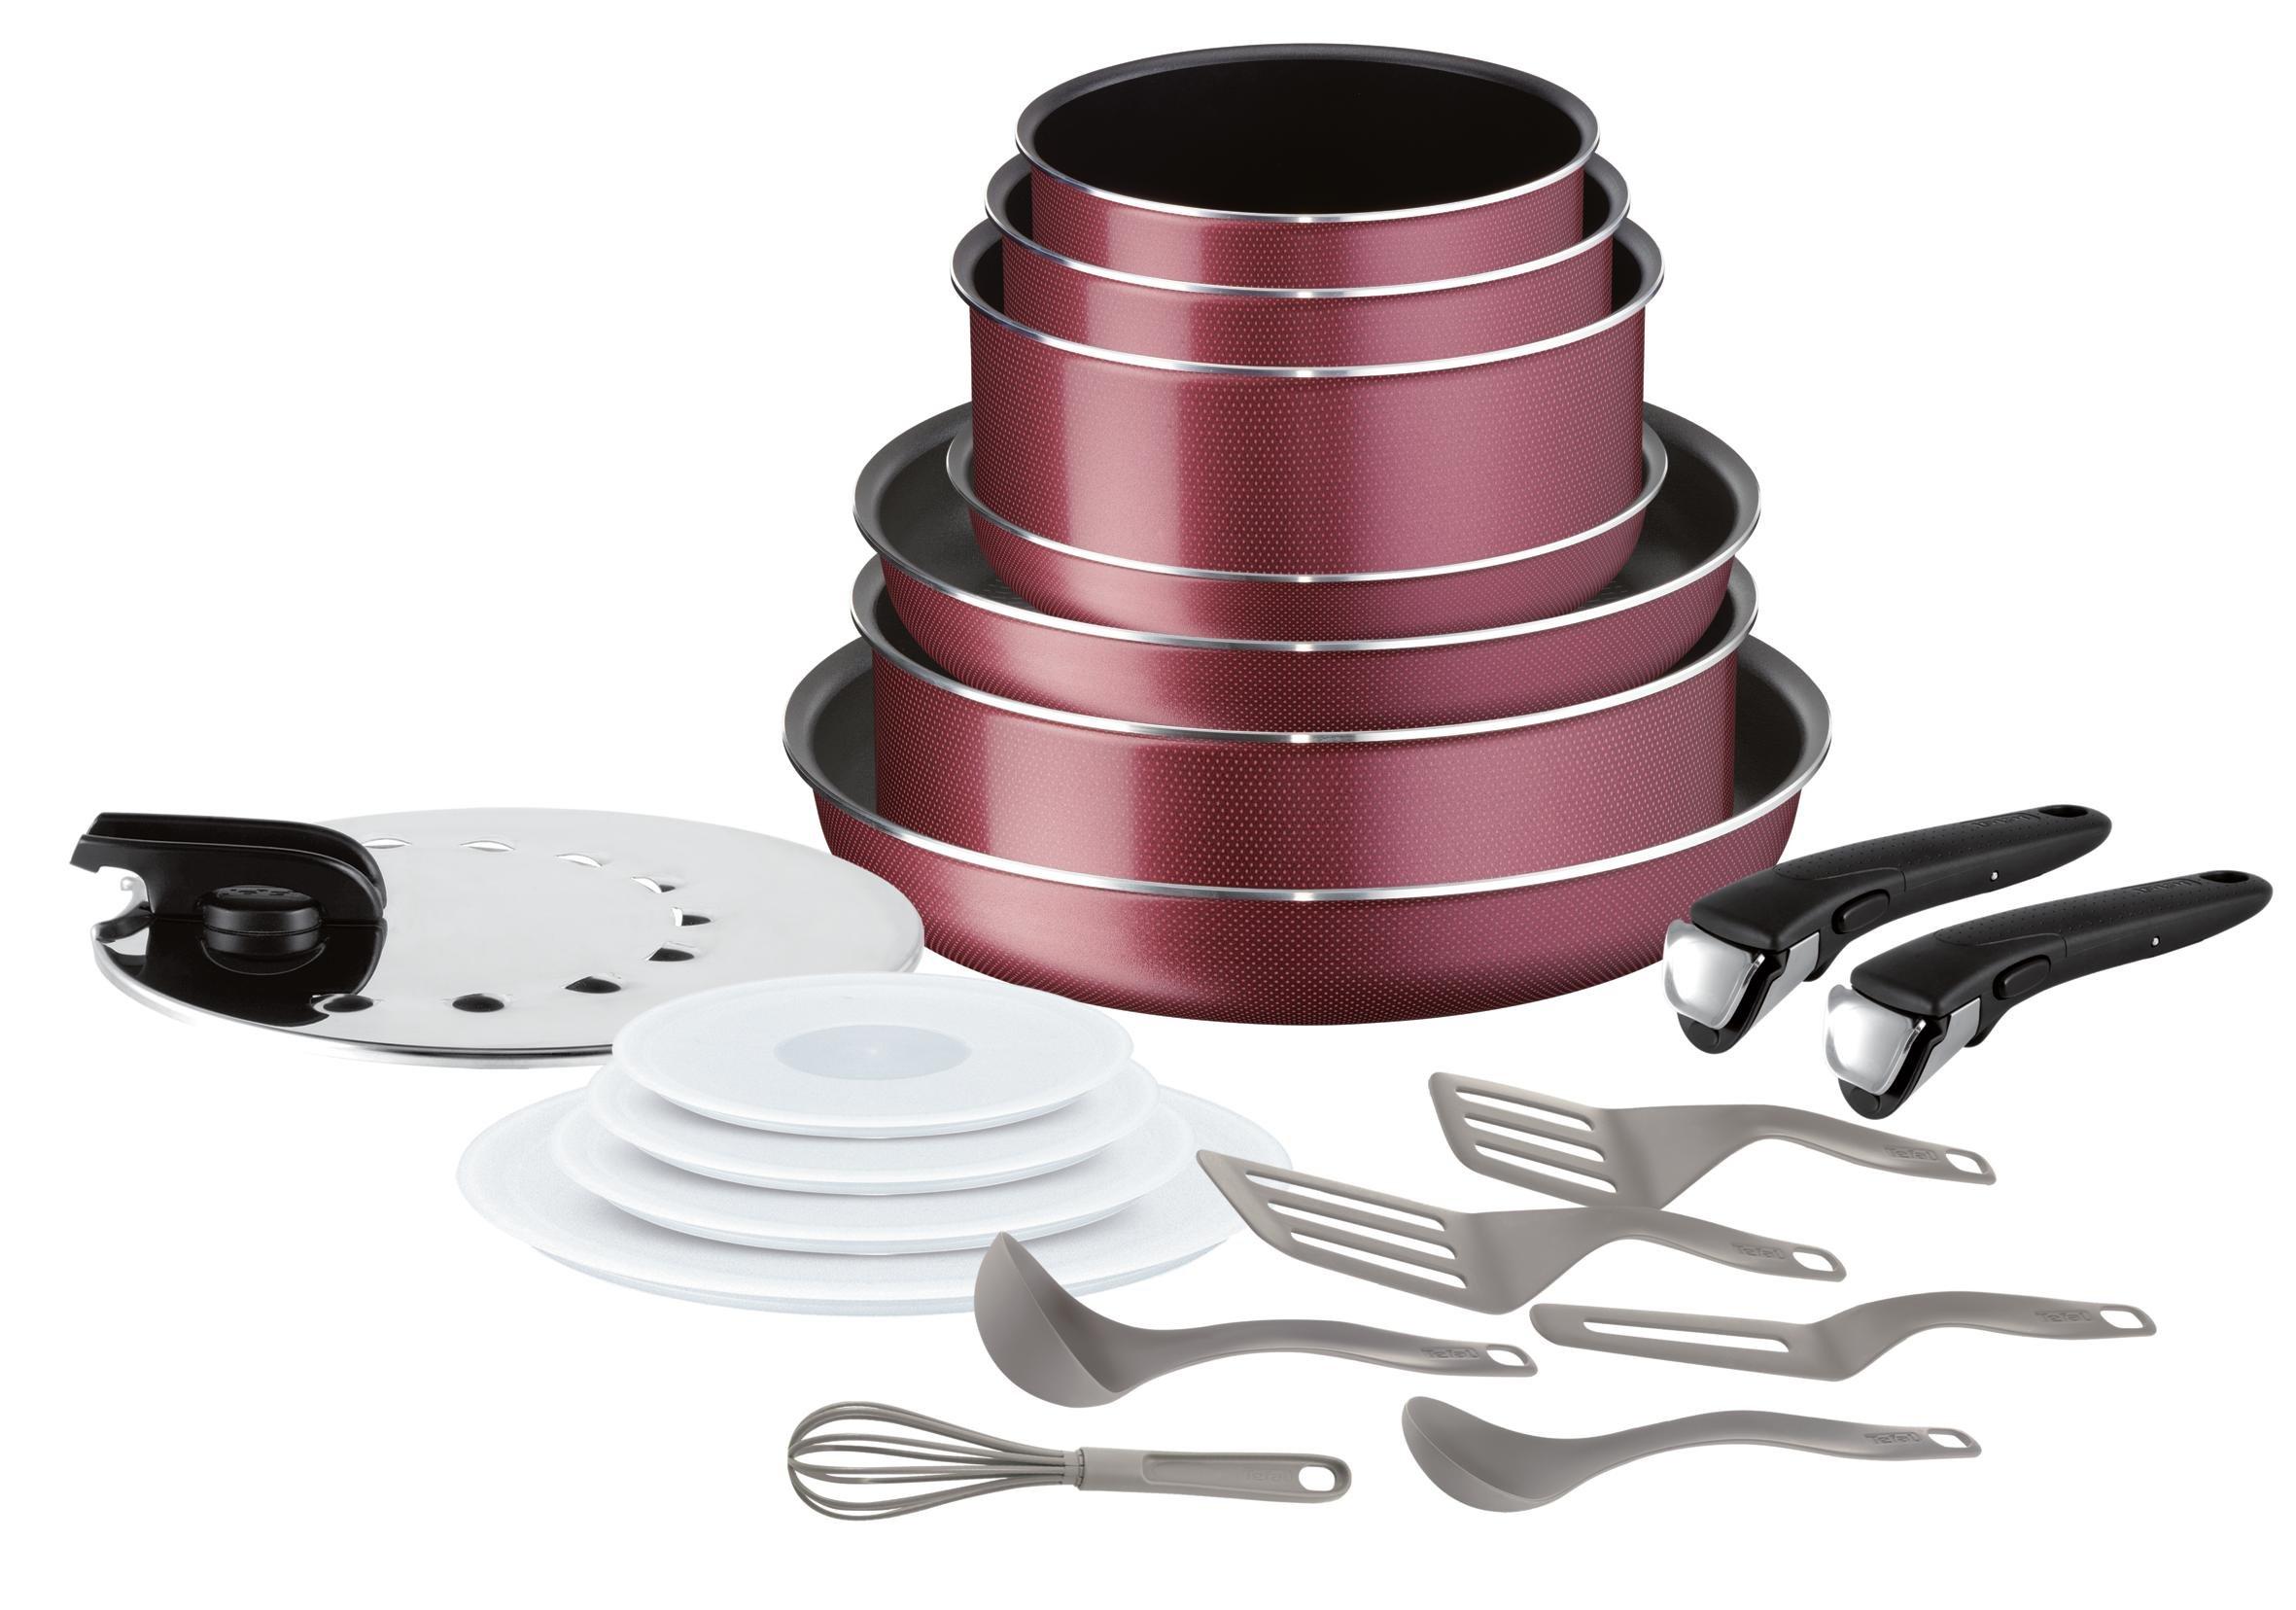 Ingenio Essential Set De 20 Pièces Tramé Rouge Tous Feux Sauf Induction product image